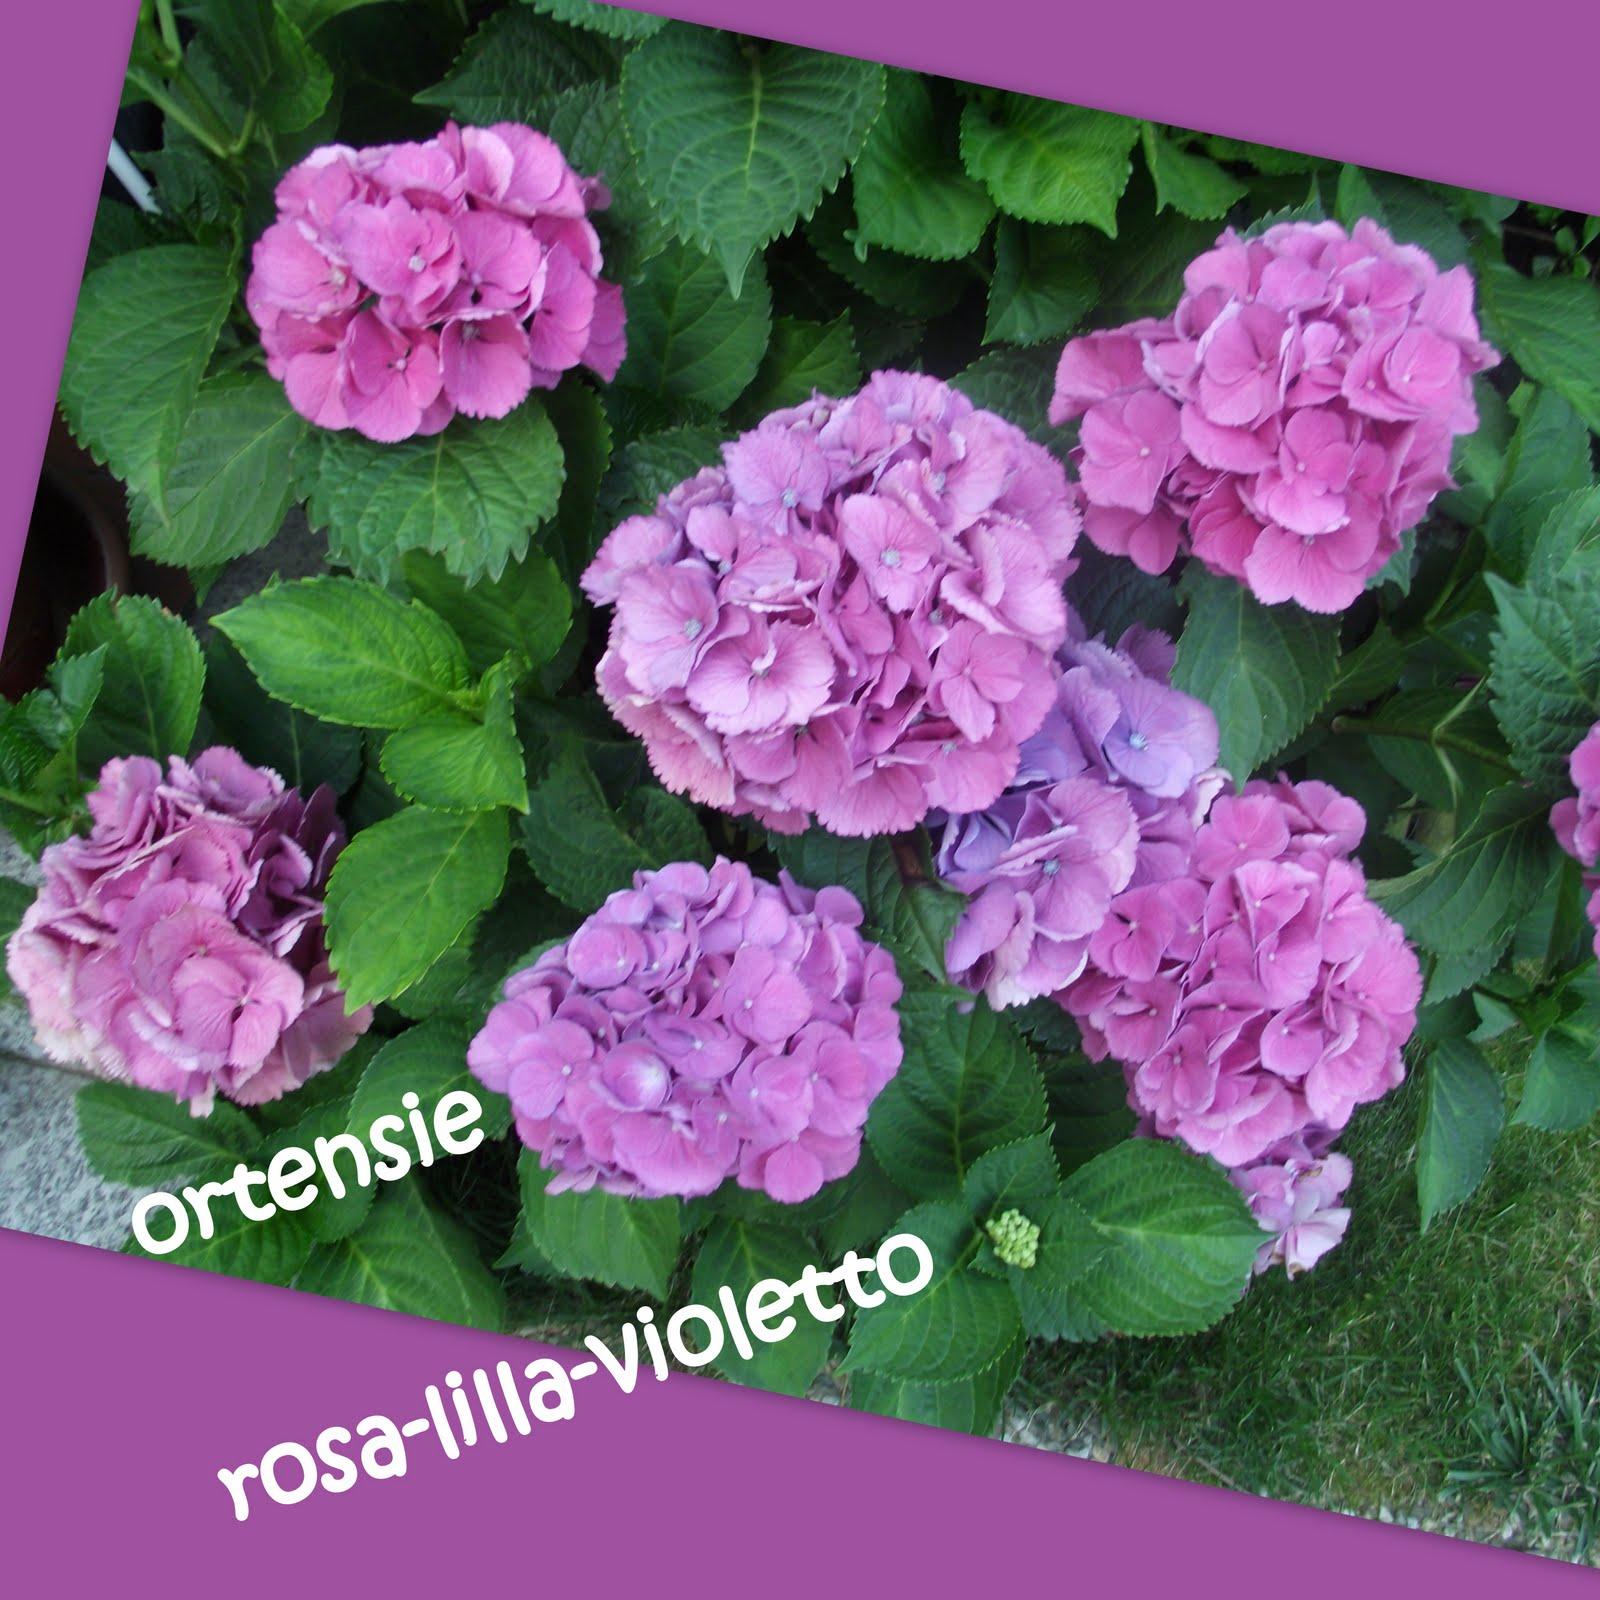 La scuola in cartella colori e fiori - Ortensie colori ...